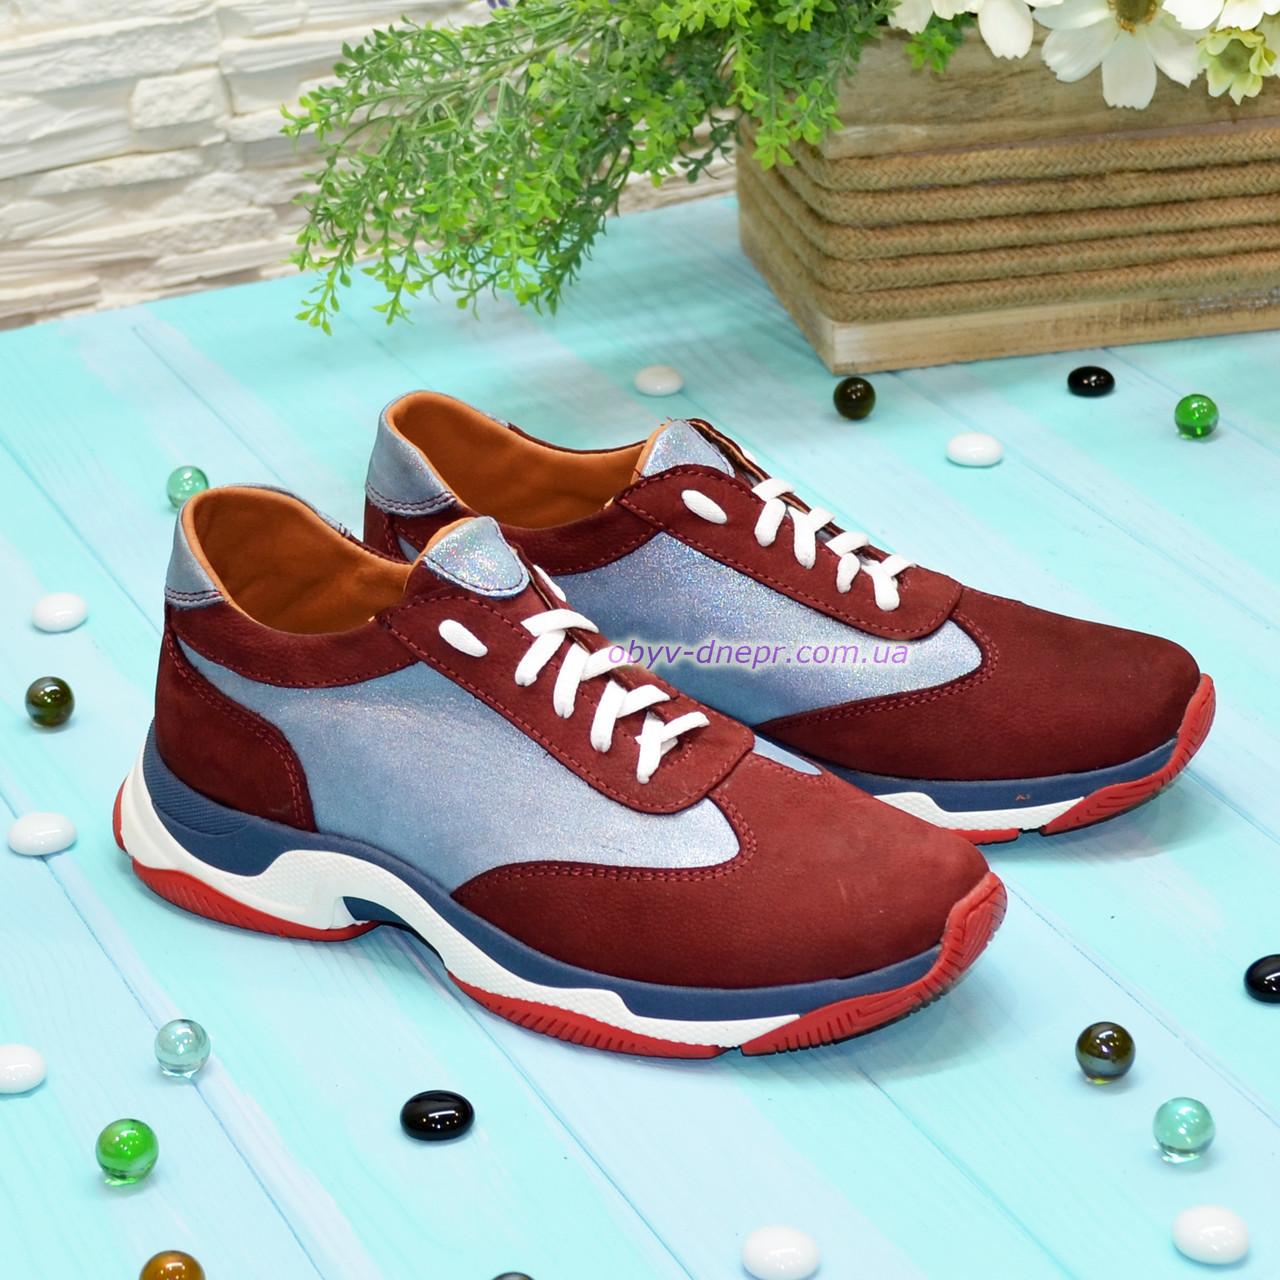 Кроссовки женские комбинированные на шнуровке, цвет бордо/синий